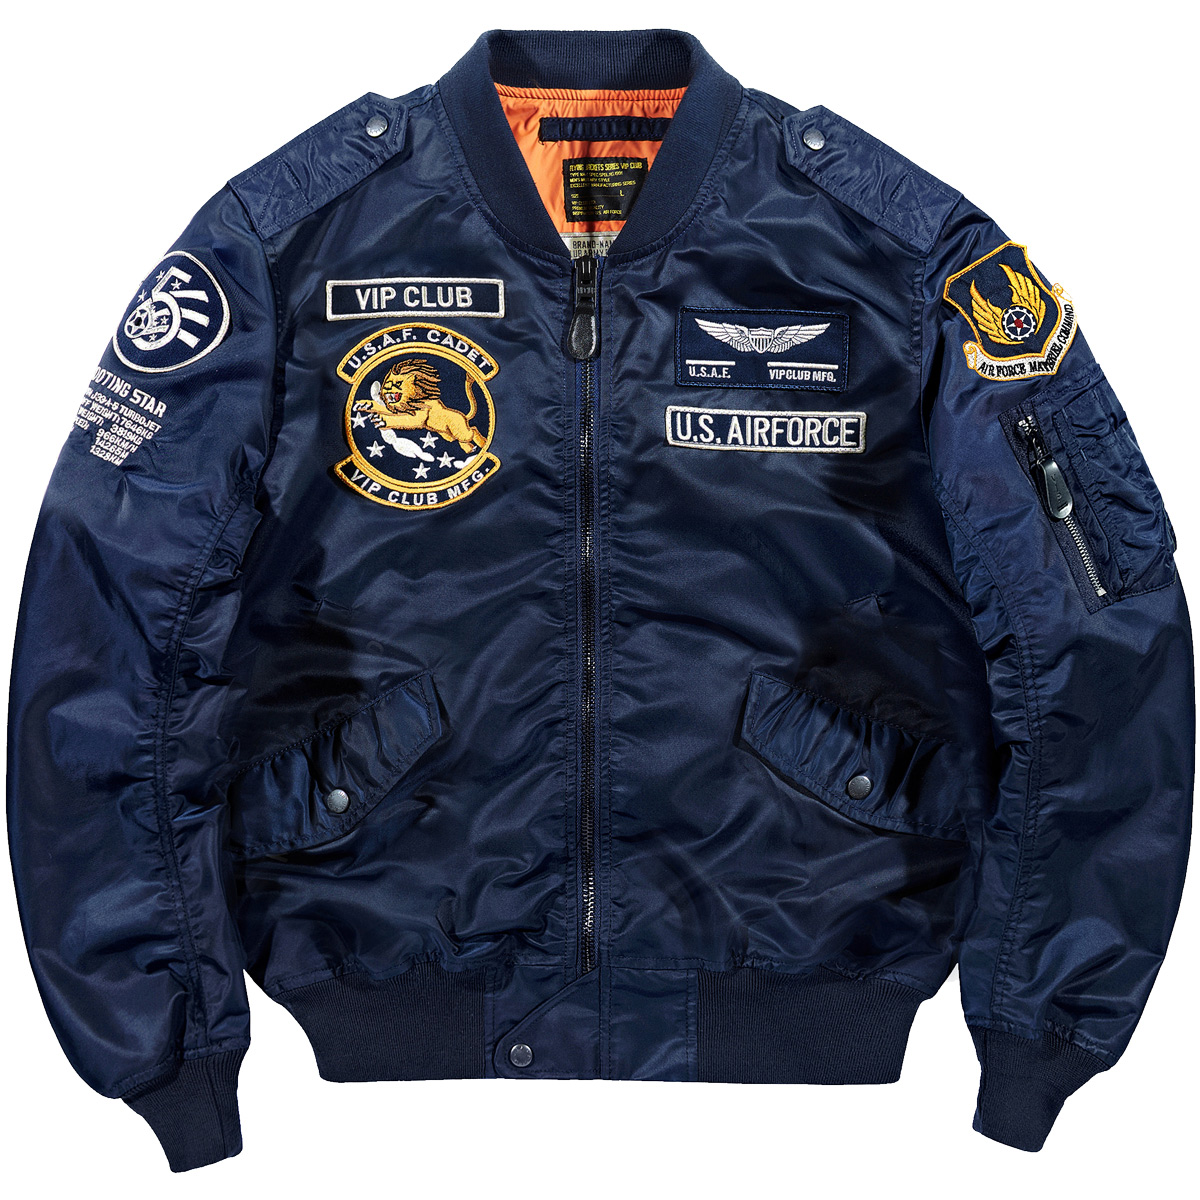 VIP秋季空军ma1飞行员夹克男韩版刺绣棒球服大码飞行服工装外套潮